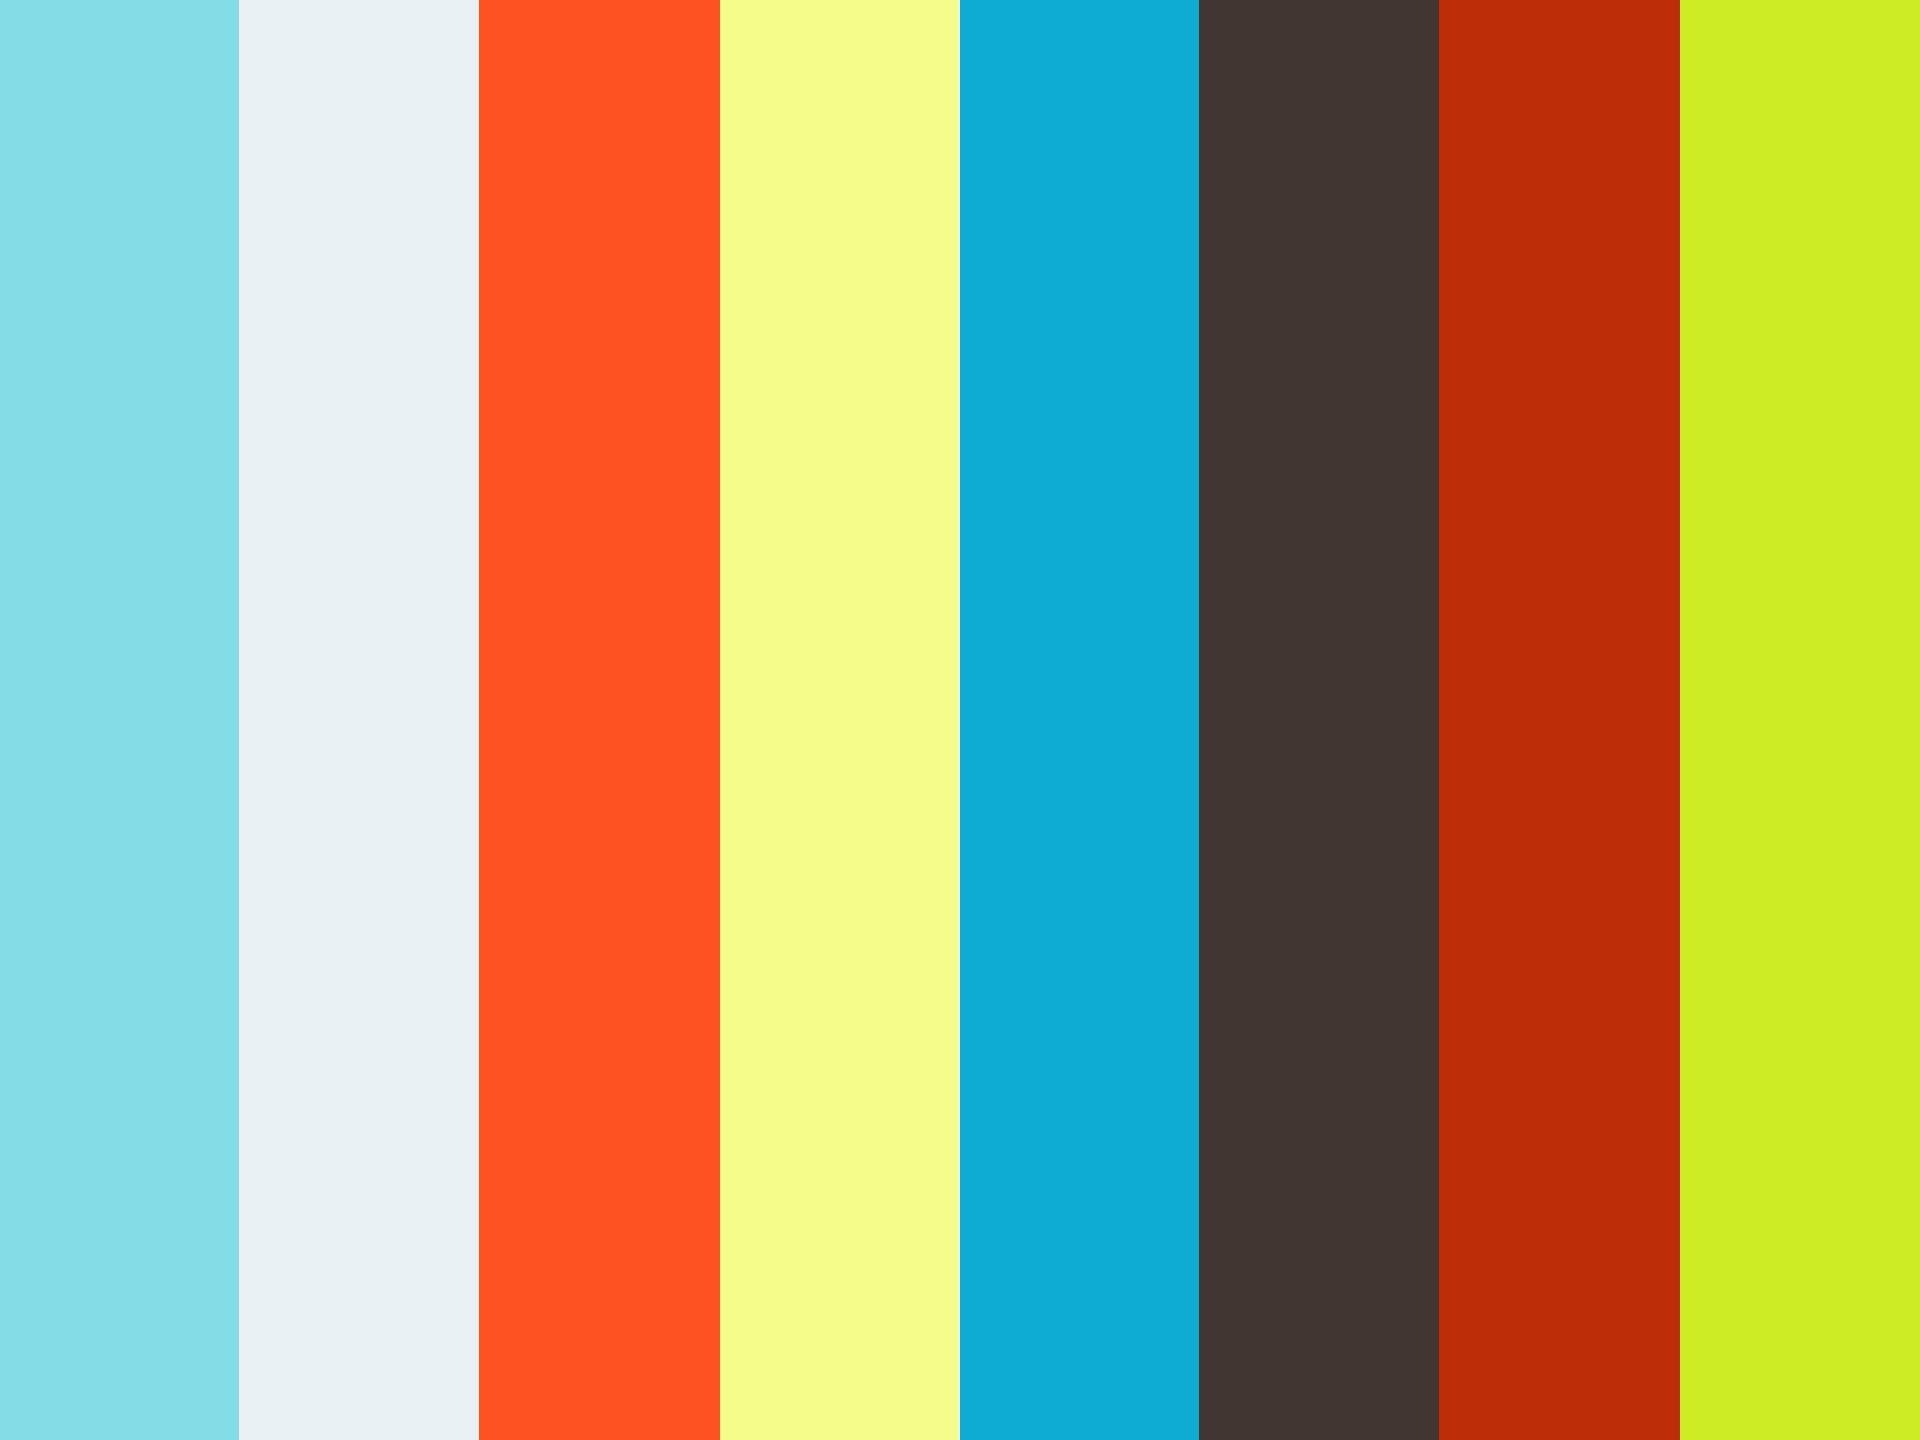 IPS e.max ジルキャド MT マルチ チェアサイドブロック草間幸夫先生によるビデオセミナー 【全10動画】 #8 フェイシャルレイヤリングの症例紹介